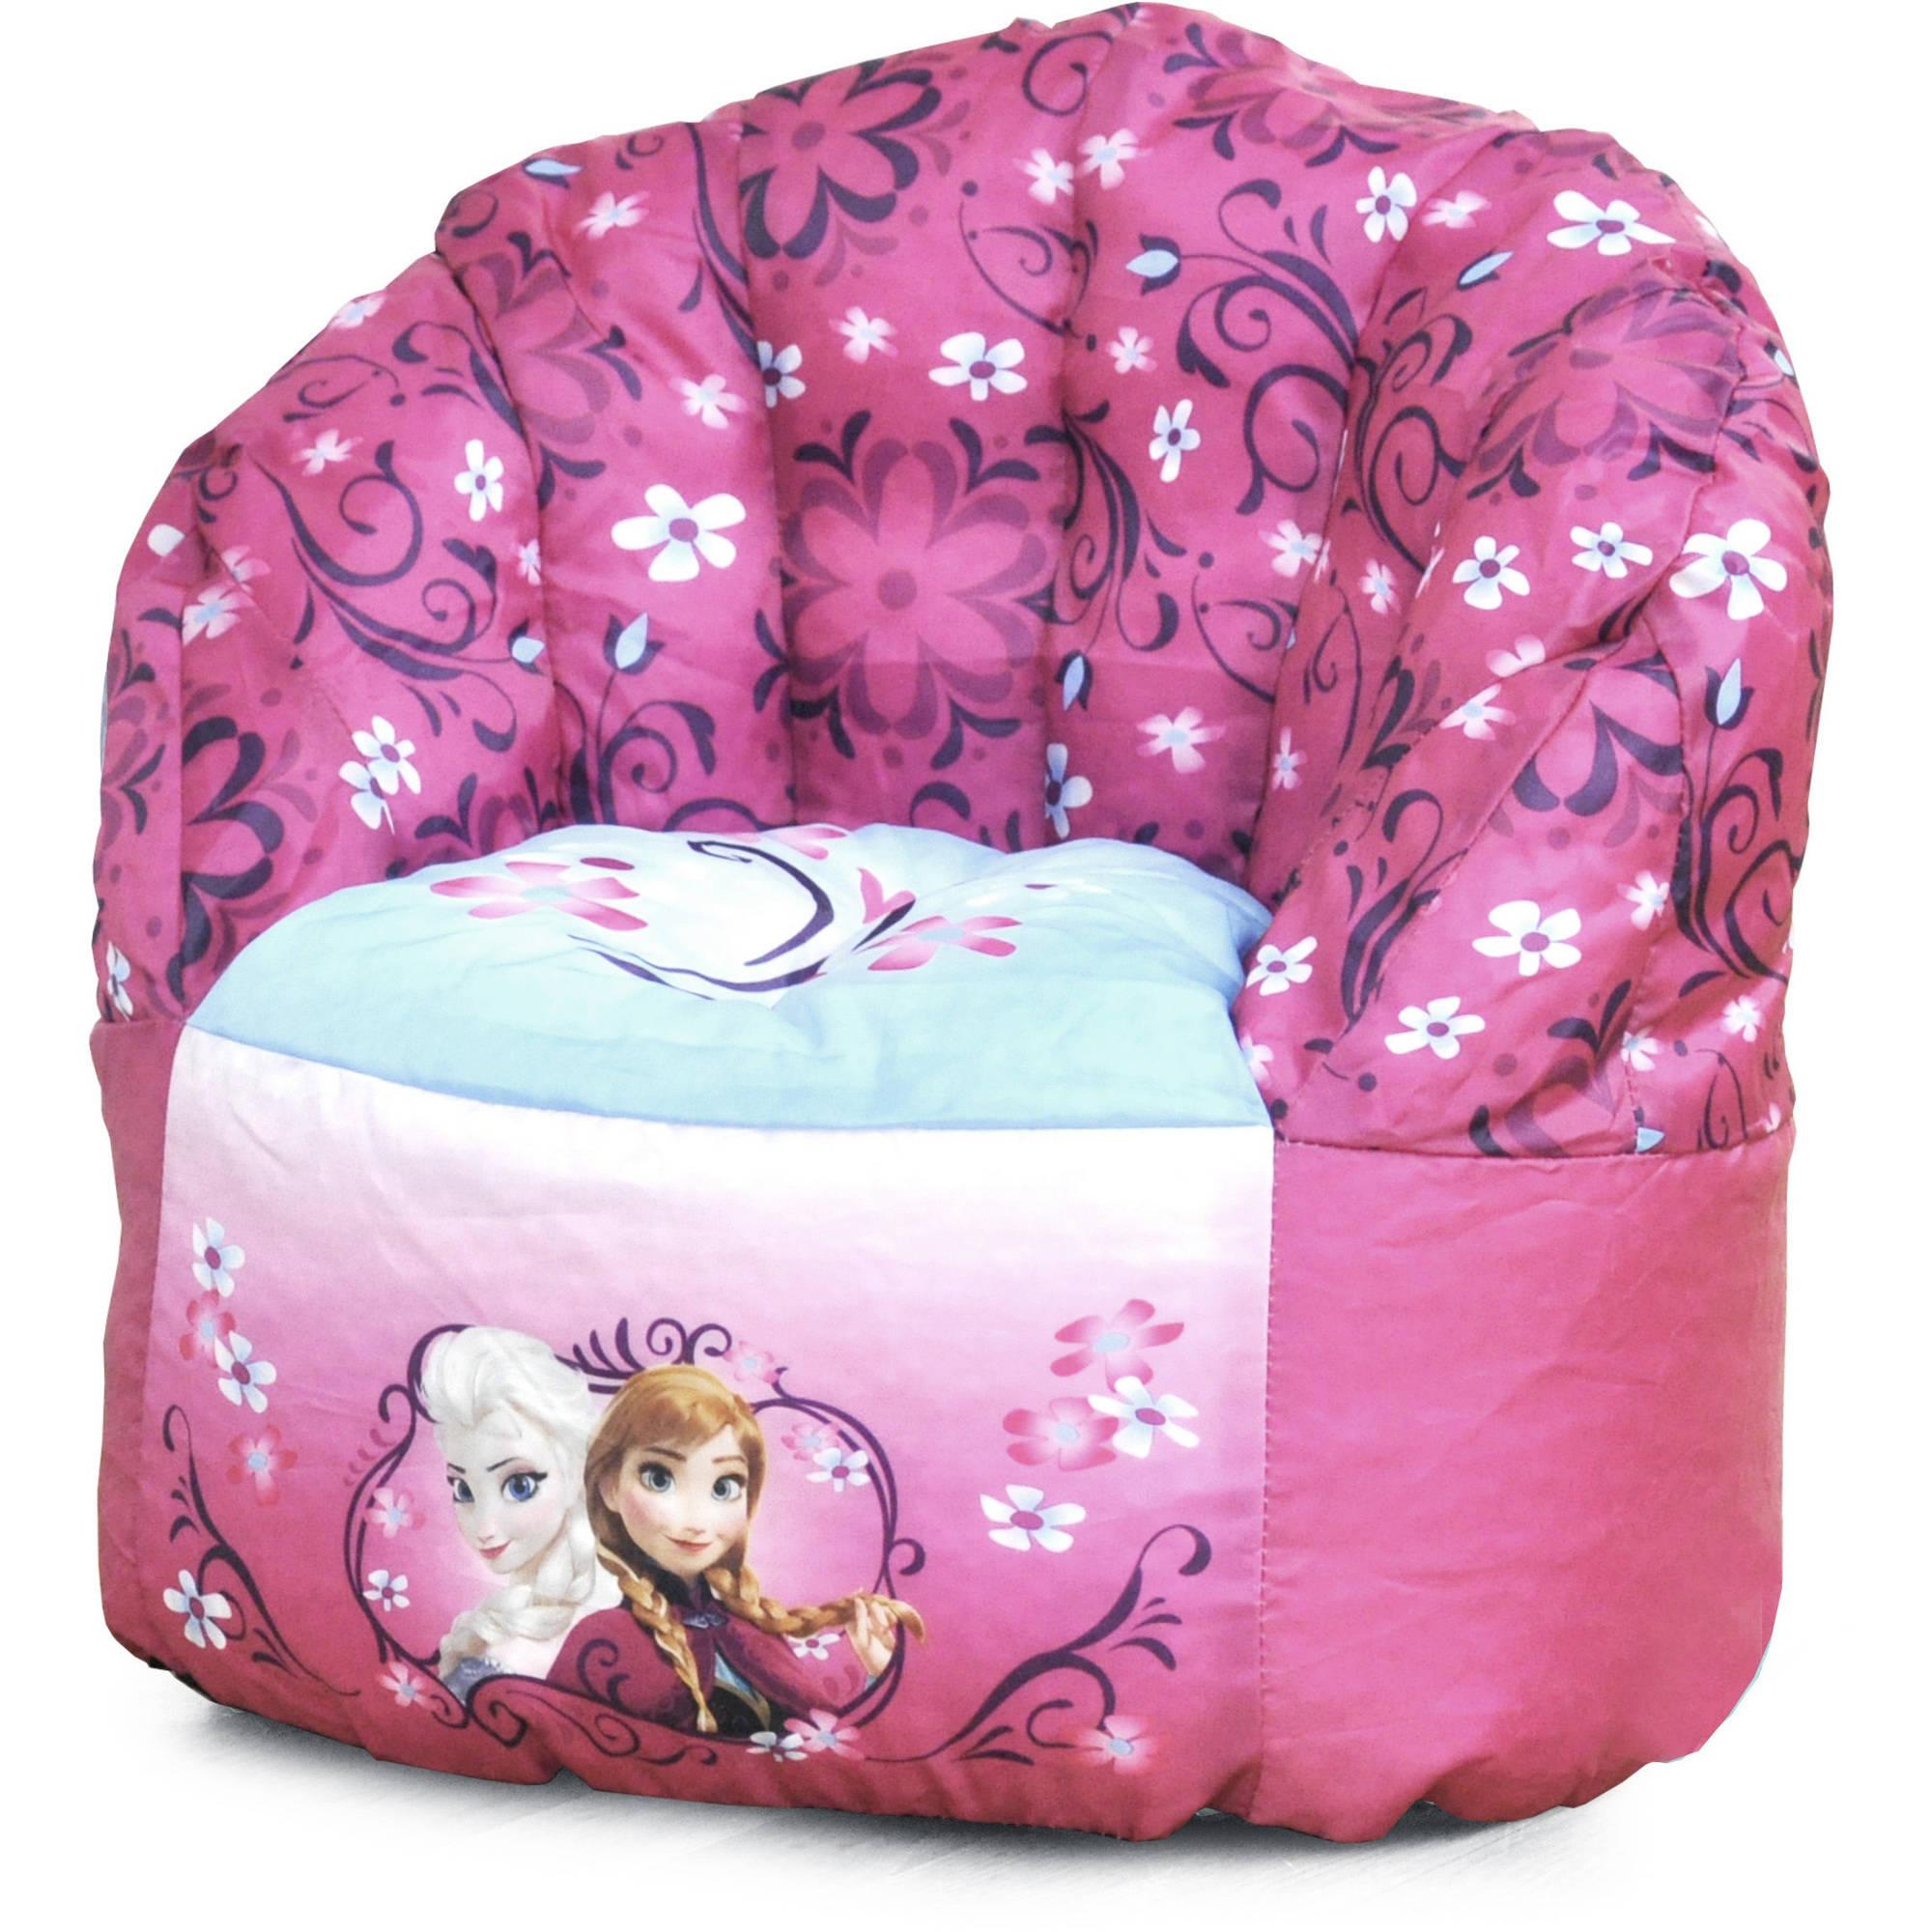 Disney Frozen Bean Bag Chair, Pink